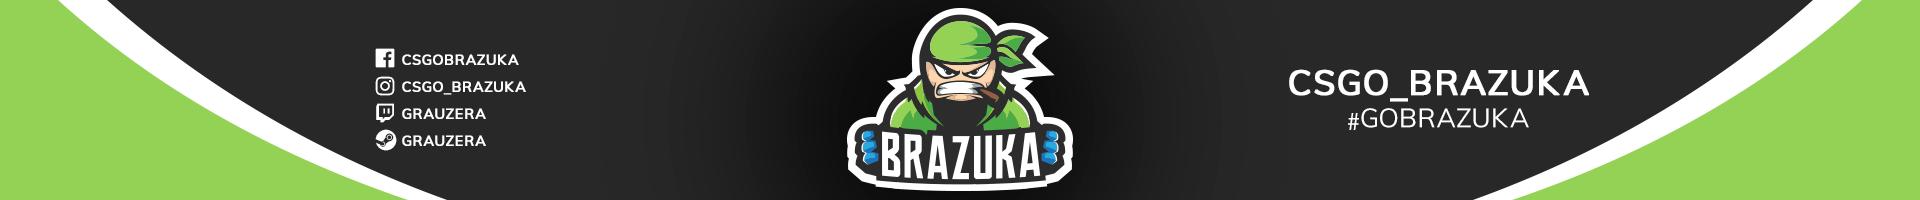 ORGANIZAÇÃO: CSGO BRAZUKA